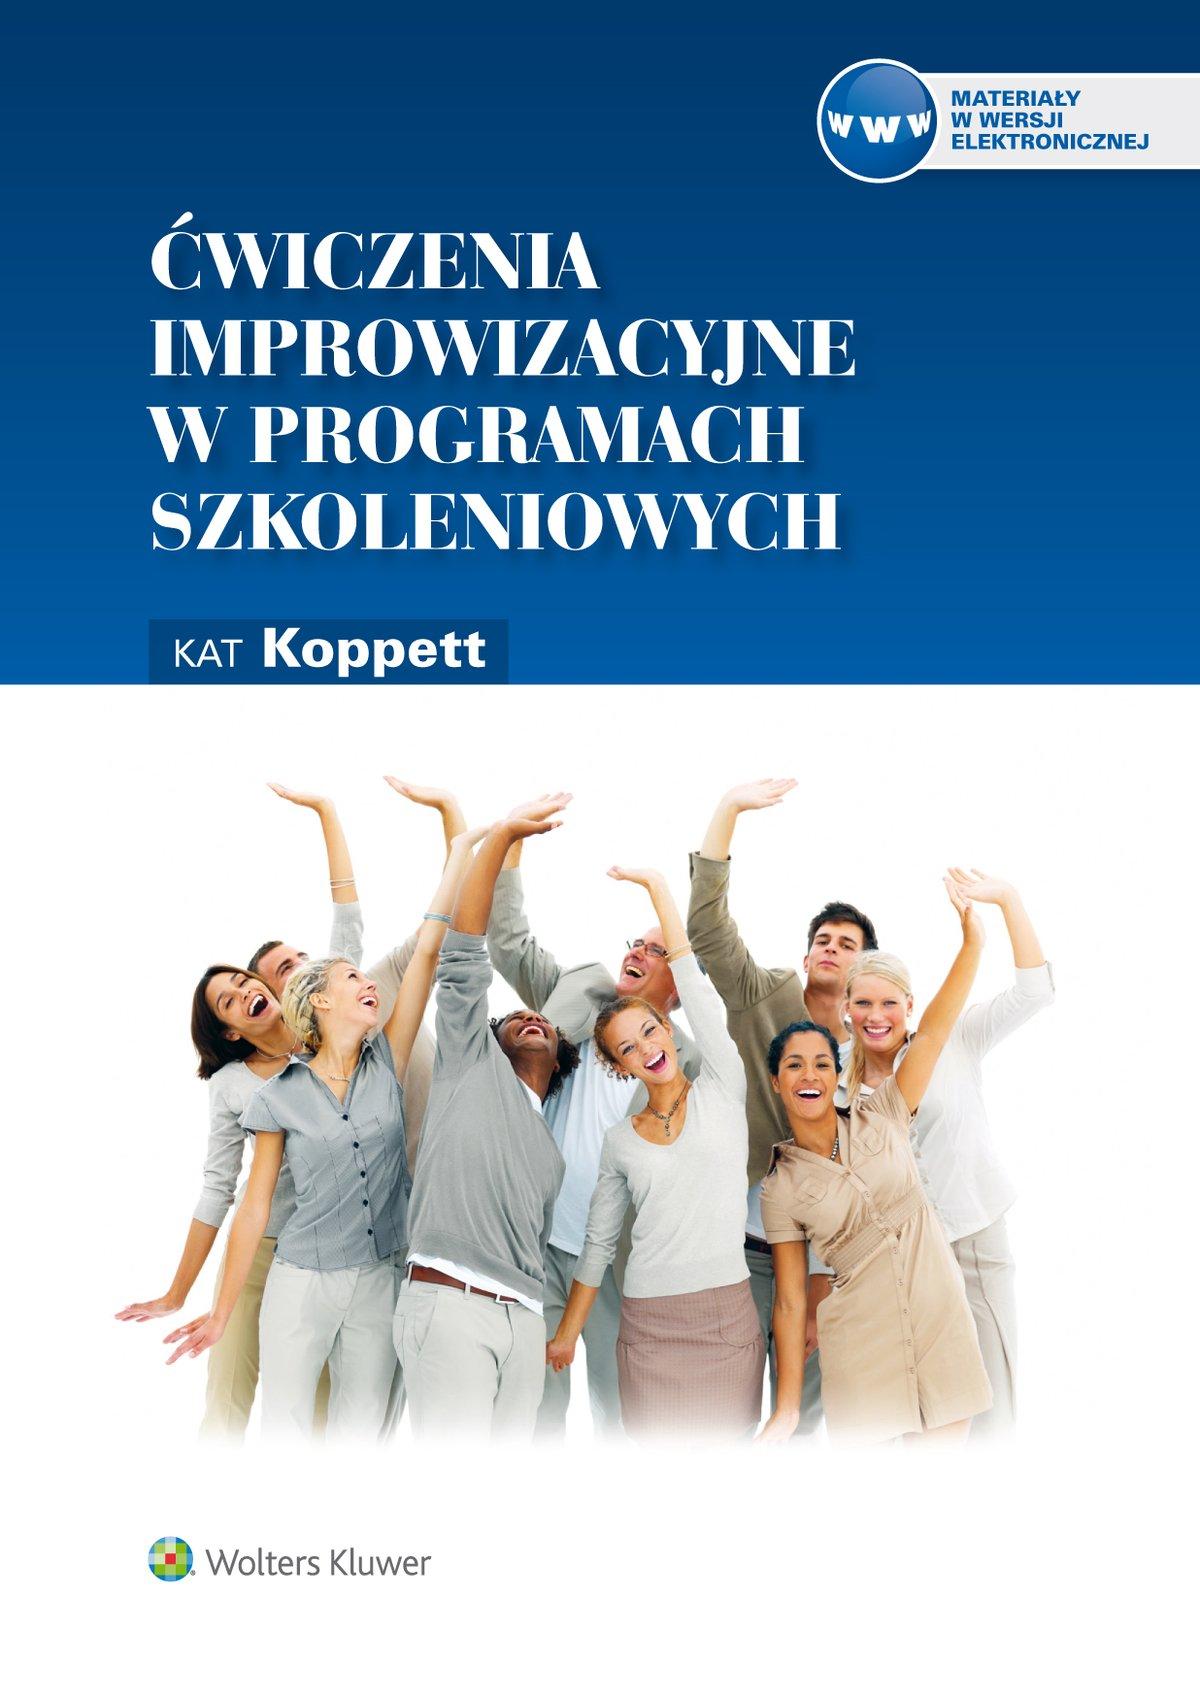 Ćwiczenia improwizacyjne w programach szkoleniowych - Ebook (Książka PDF) do pobrania w formacie PDF